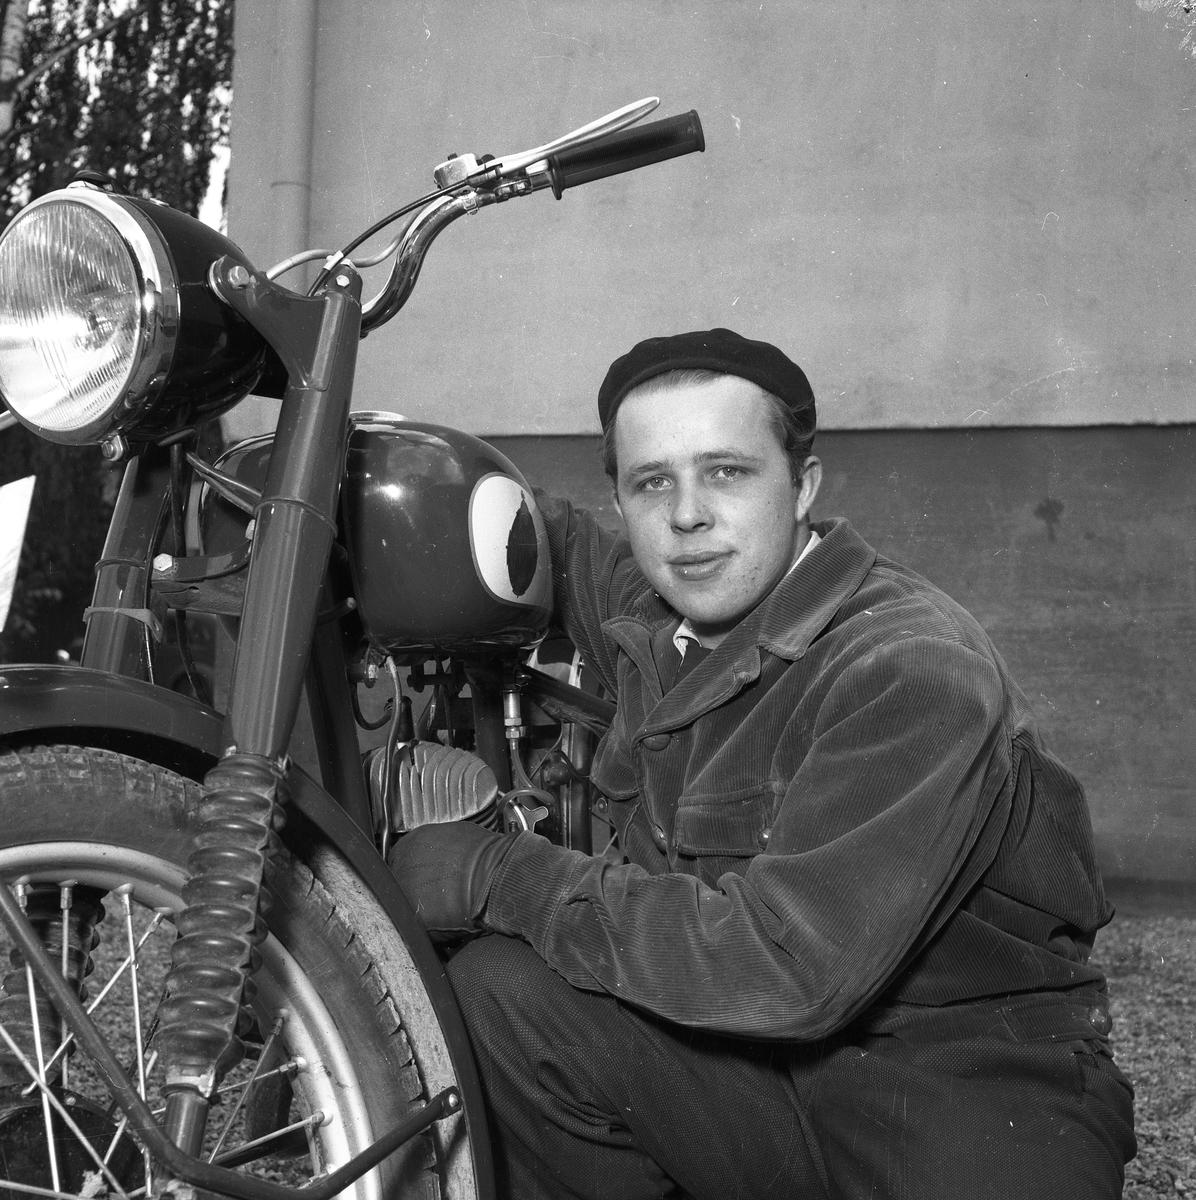 Arbogas Stjärnknutte Ung man som sitter på huk vid en motorcykel. Mannen har basker, jacka och handskar.